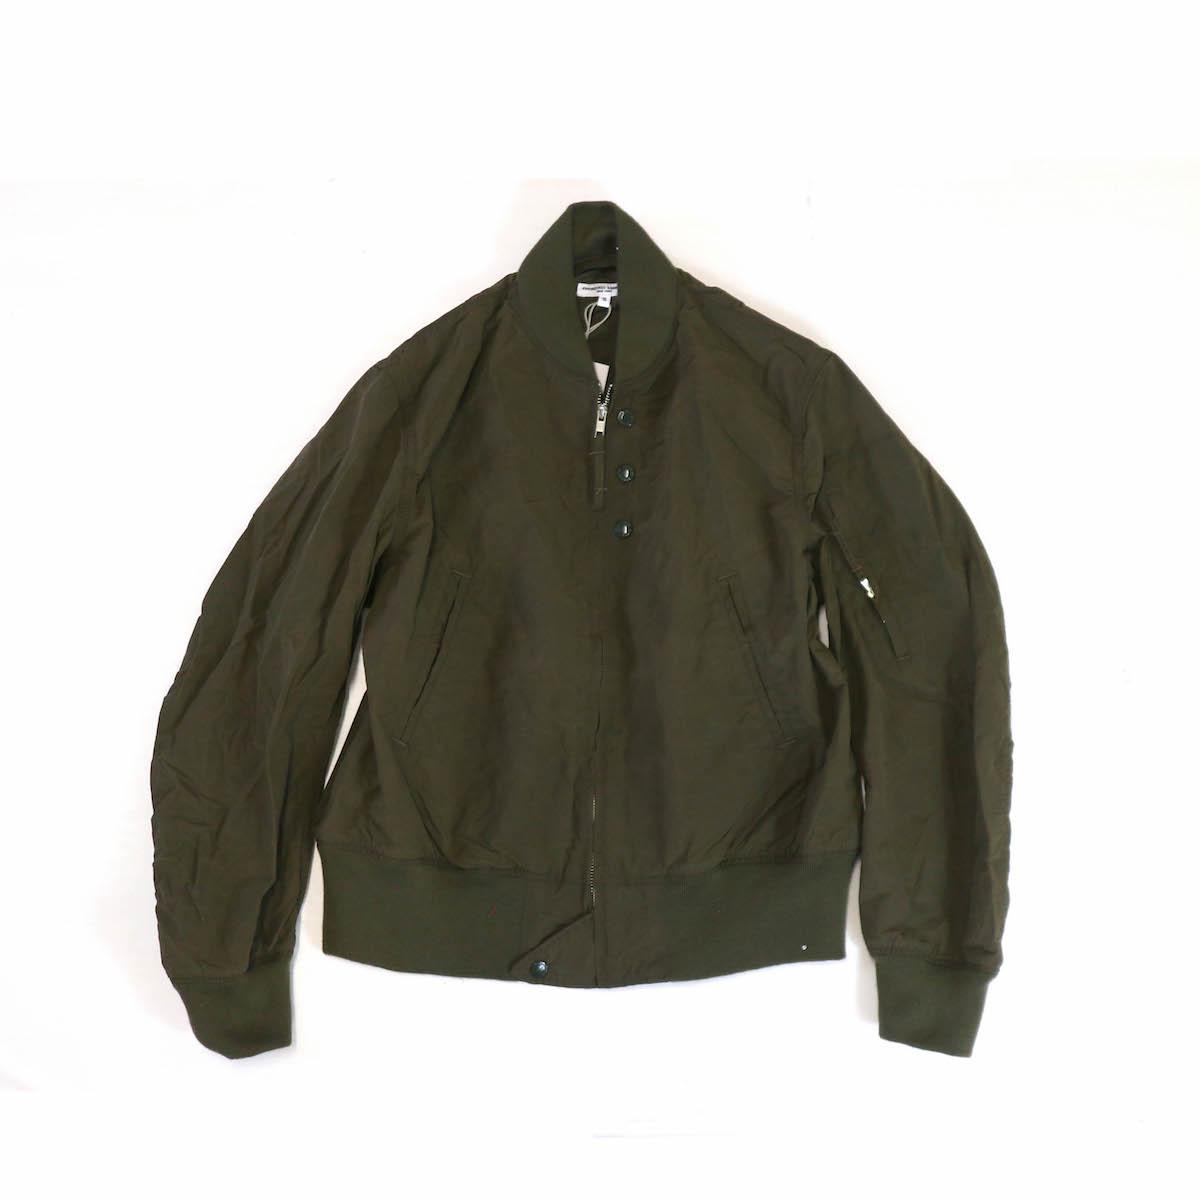 Engineered Garments / Aviator Jacket -4.5oz Waxed Cotton